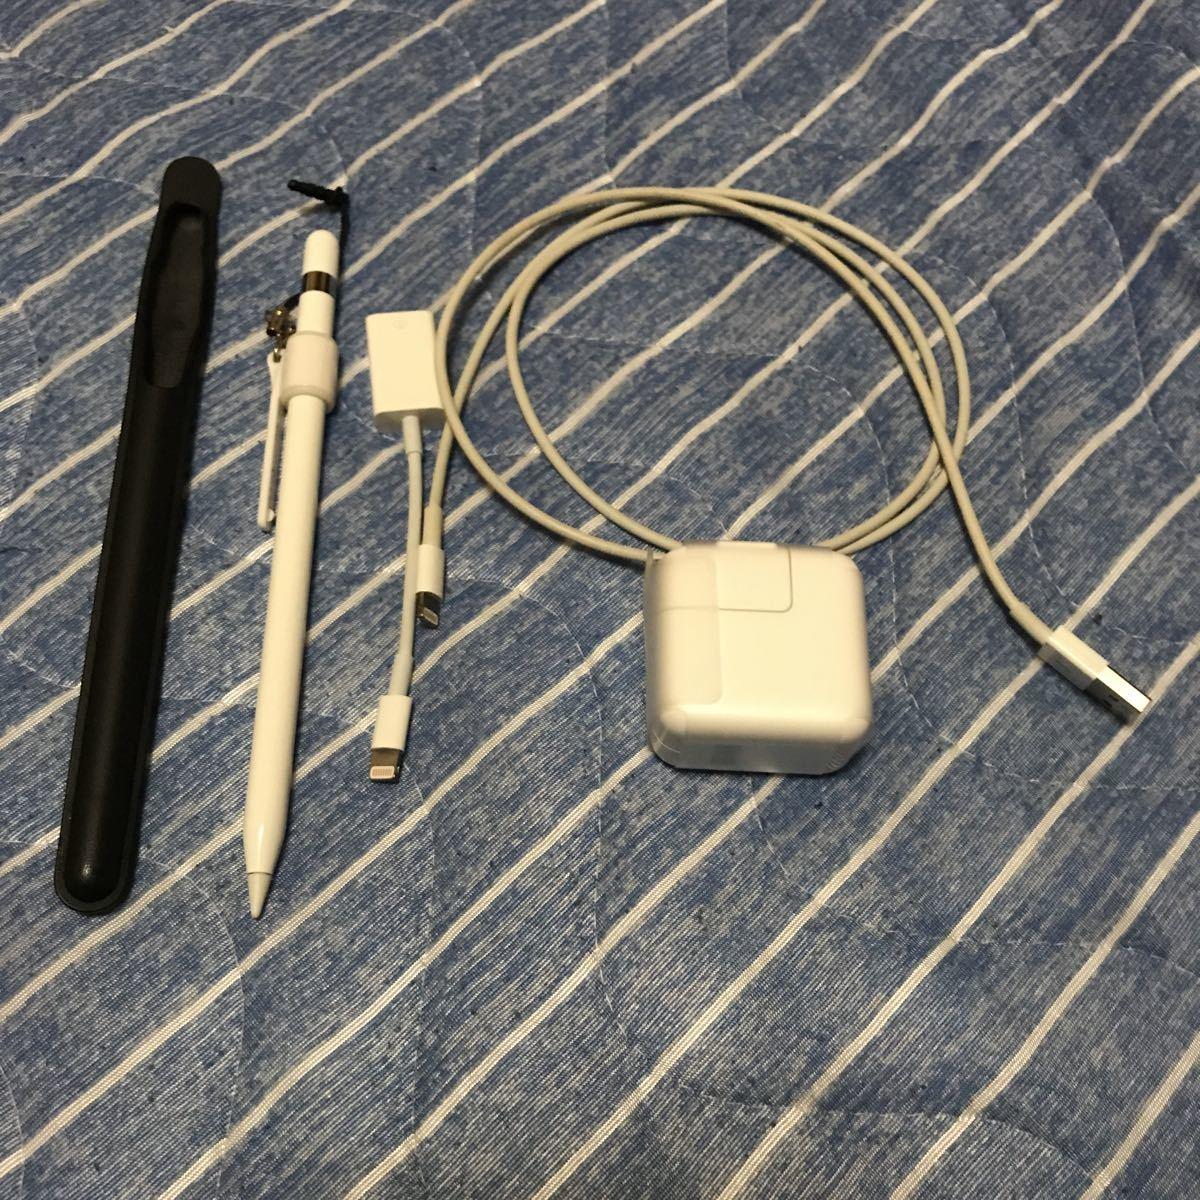 美品 iPad Pro 10.5インチ 258GB スペースグレーau Smart Keyboard Pencil 豪華セット MPHG2J/A_画像4